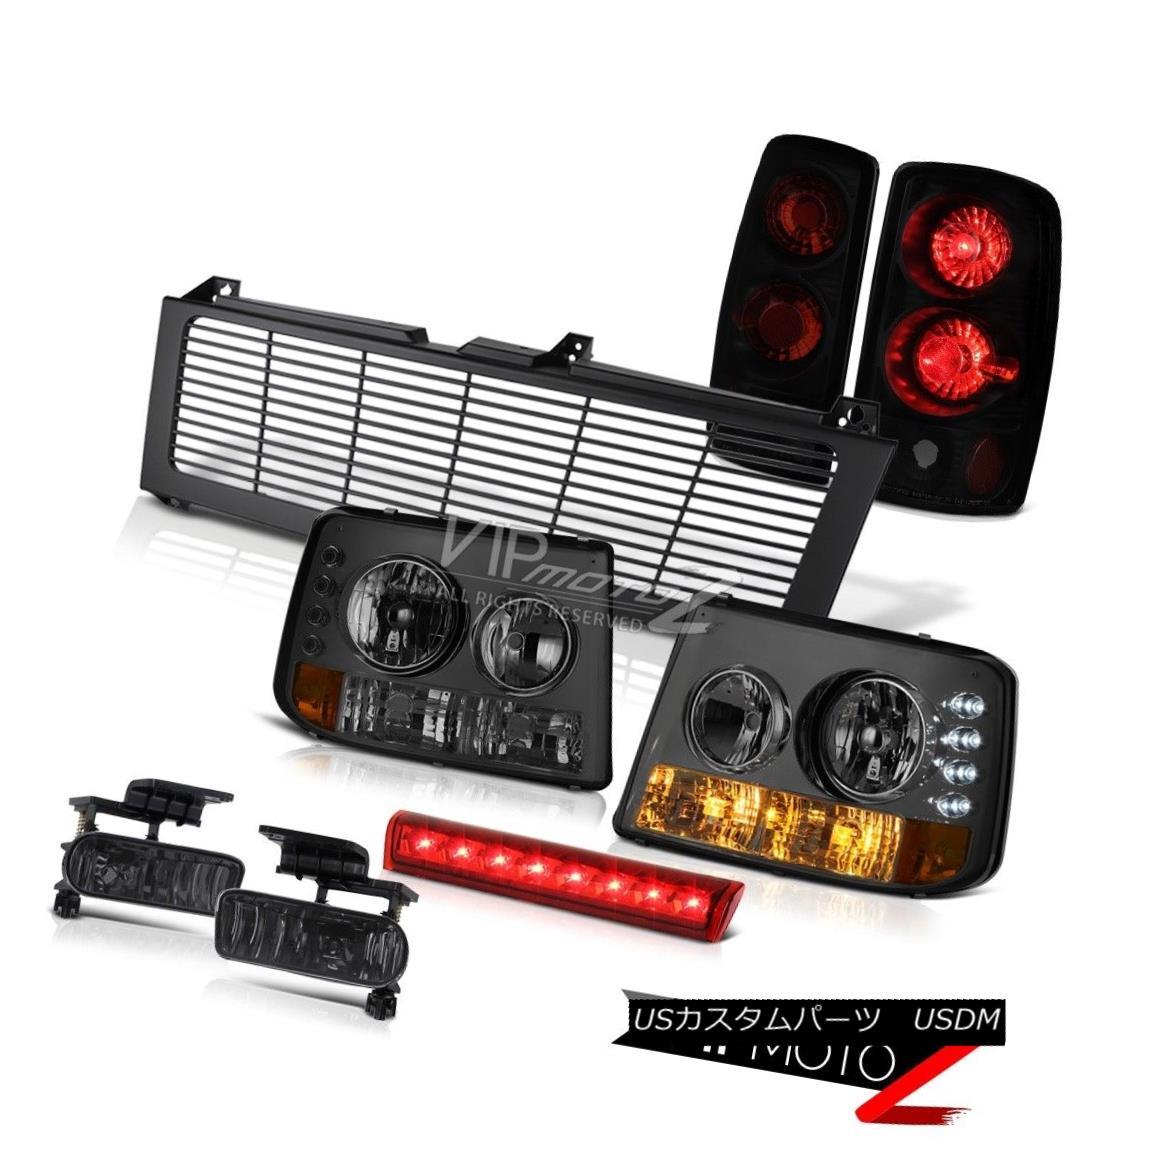 ヘッドライト Headlamps 00-06 Tahoe Altezza Darkest Tail Light Fog High Brake LED Black Grille ヘッドランプ00-06タホ・アルテッツァダークテール・ライト・フォグハイ・ブレーキLEDブラック・グリル